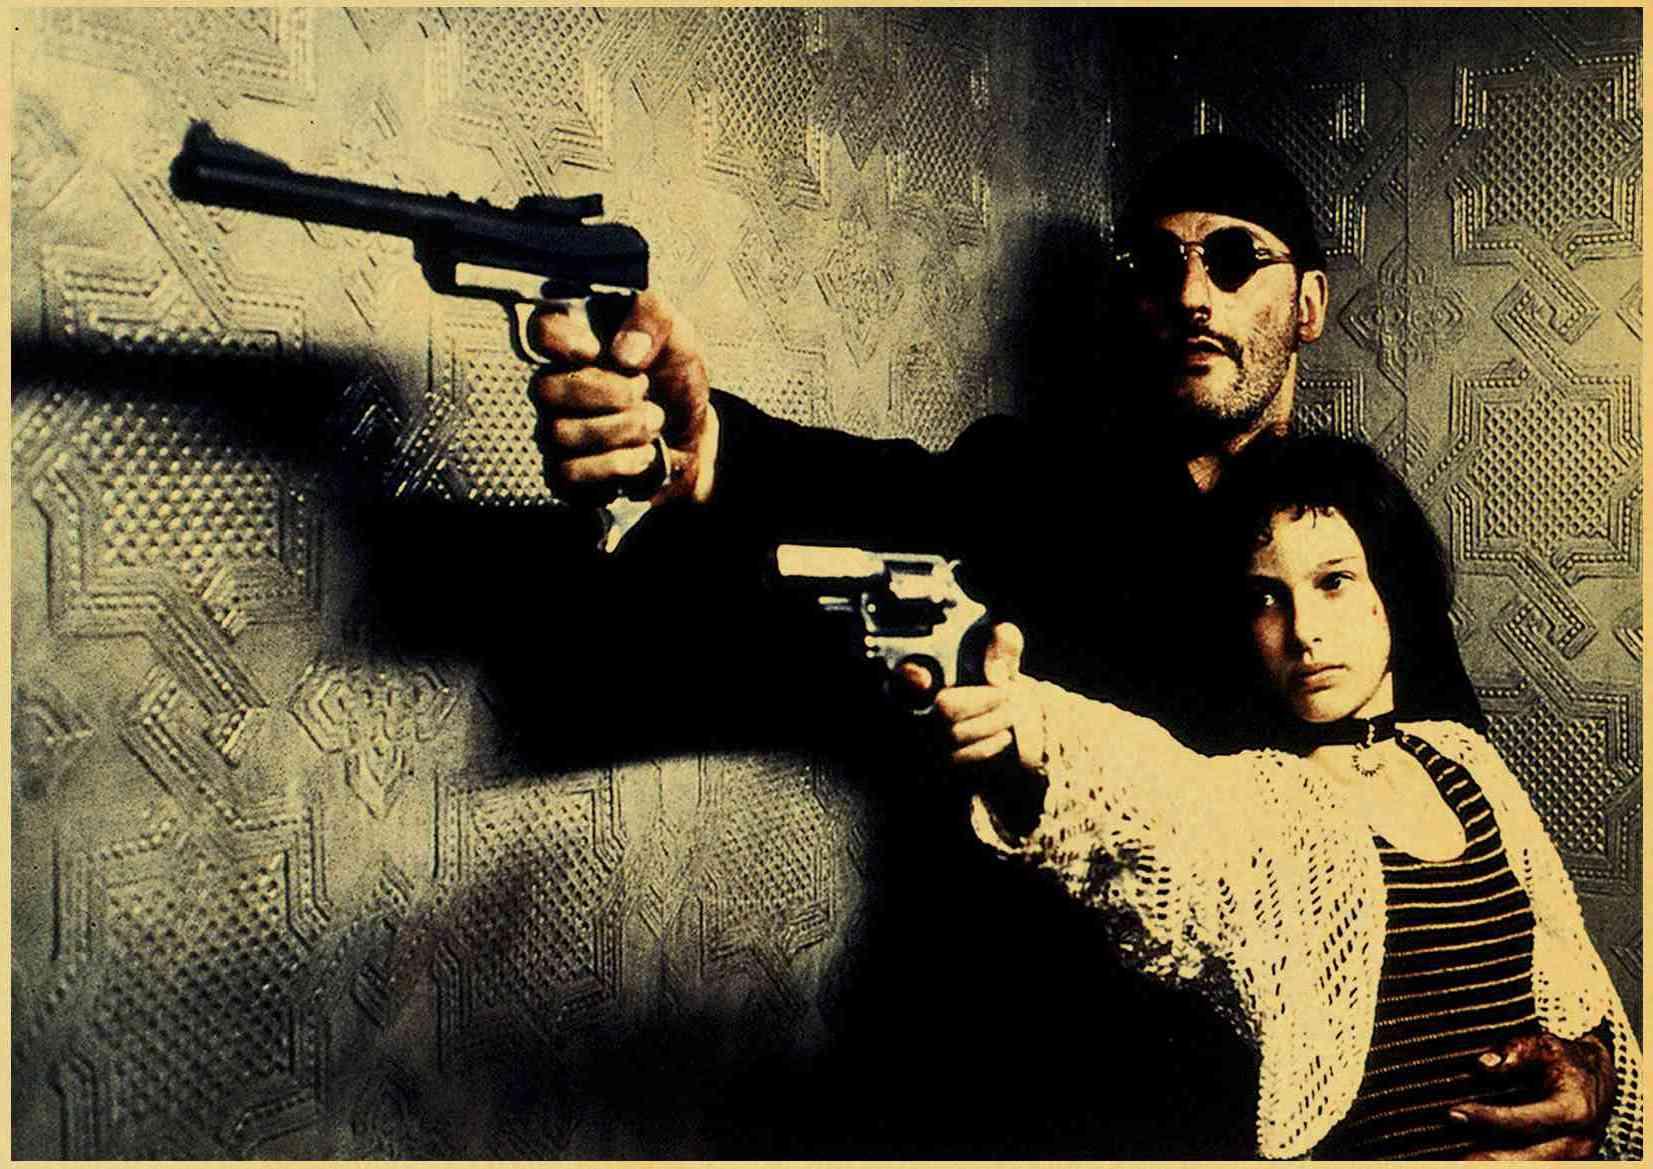 Классический фильм Бойцовский клуб/мякоть фантастика/Сияющий/Убить Билла плакат винтажный плакат на стену наклейки для гостиной украшение дома